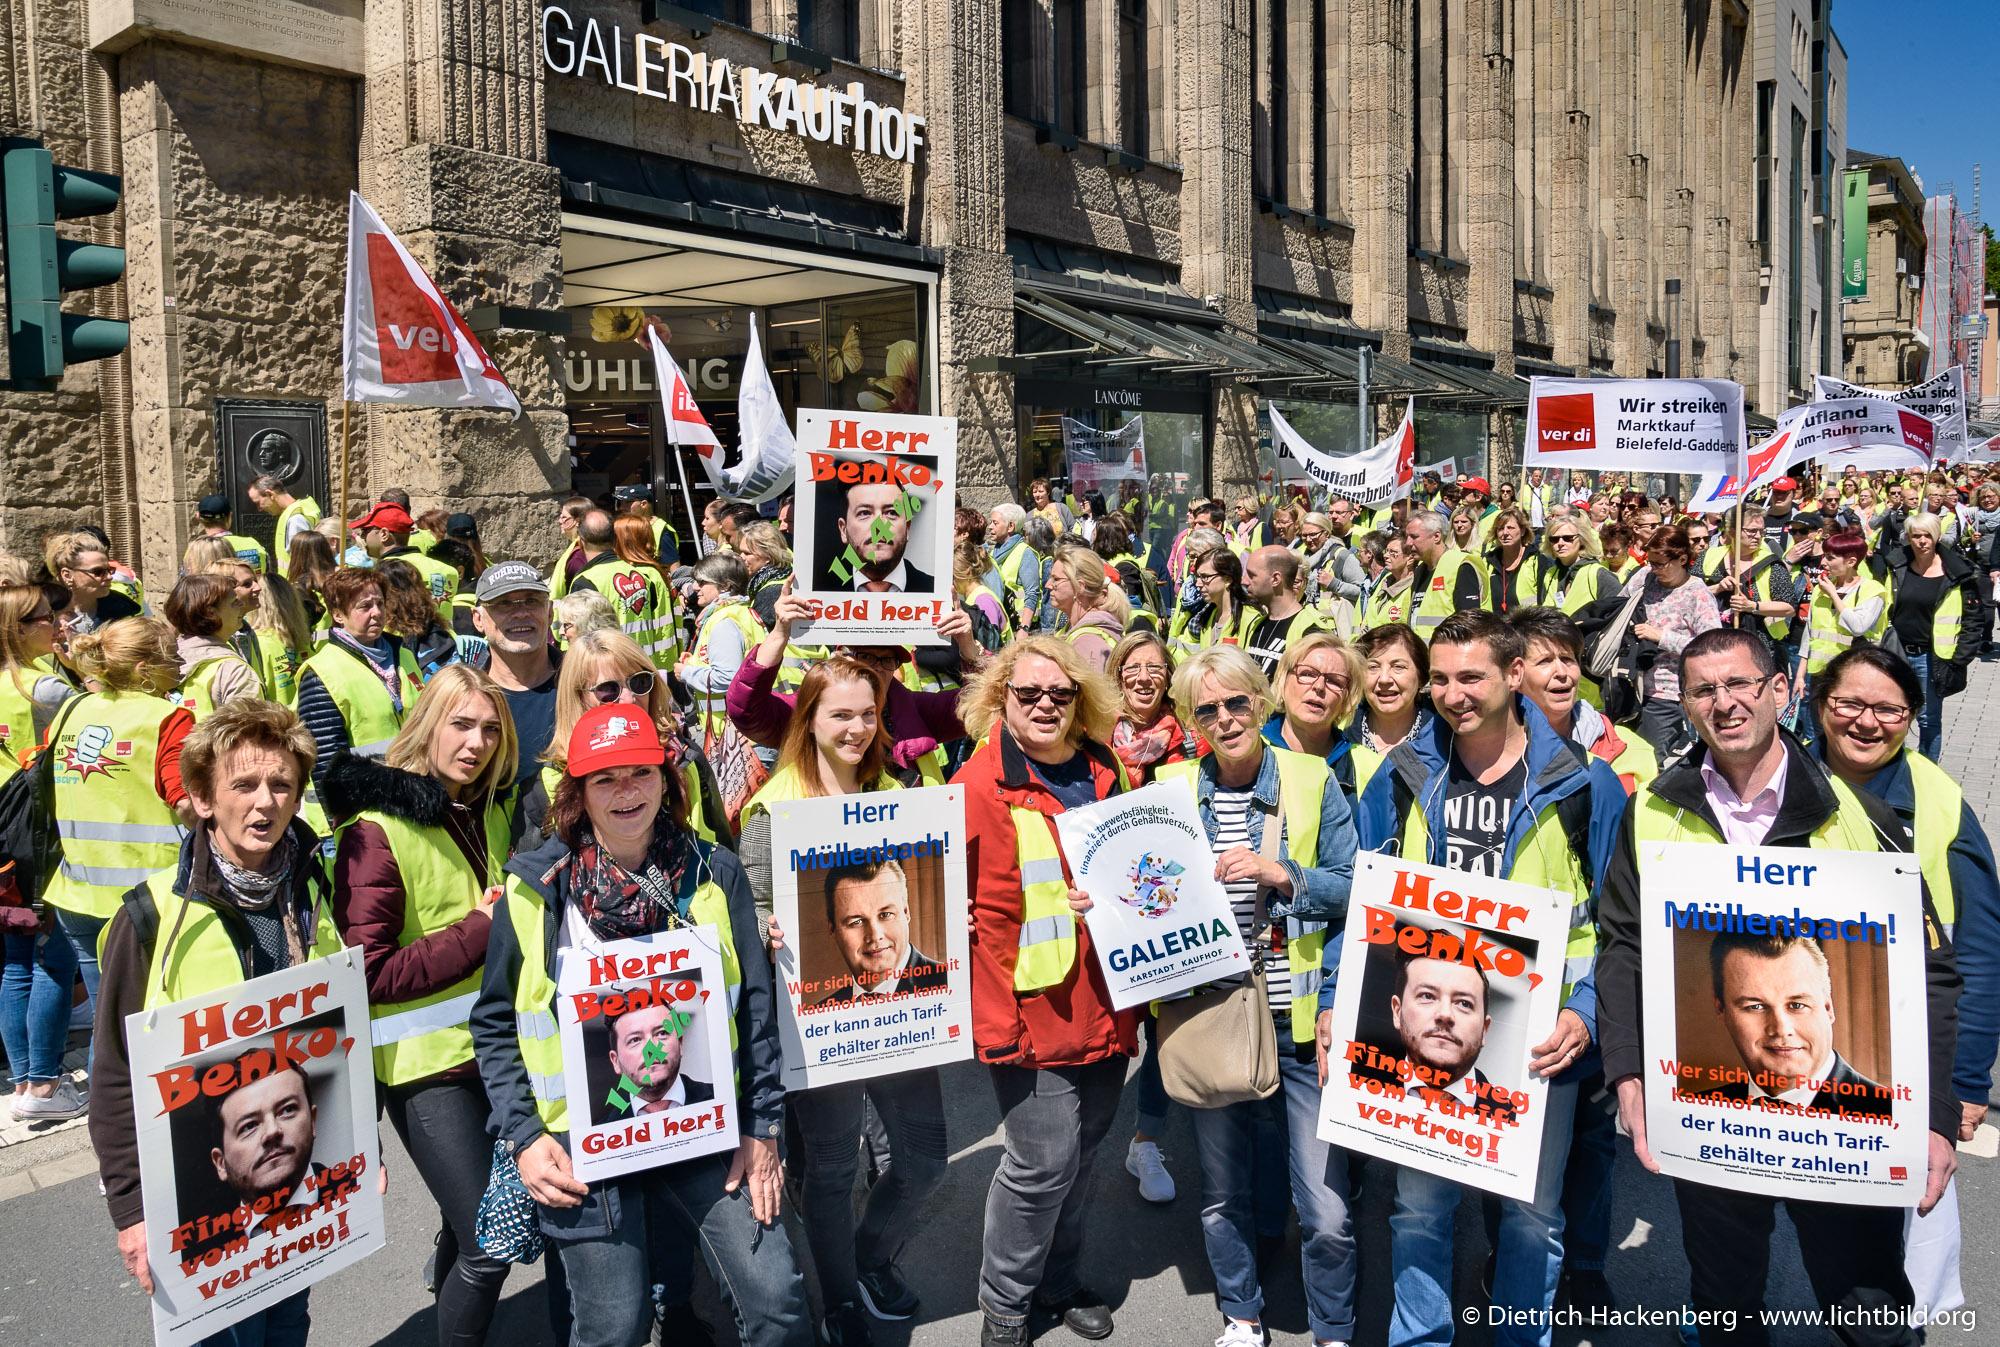 verdi Handel zentrale Streikveranstaltung im Hofgarten Düsseldorf am 29.05.2019. Foto dietrich Hackenberg